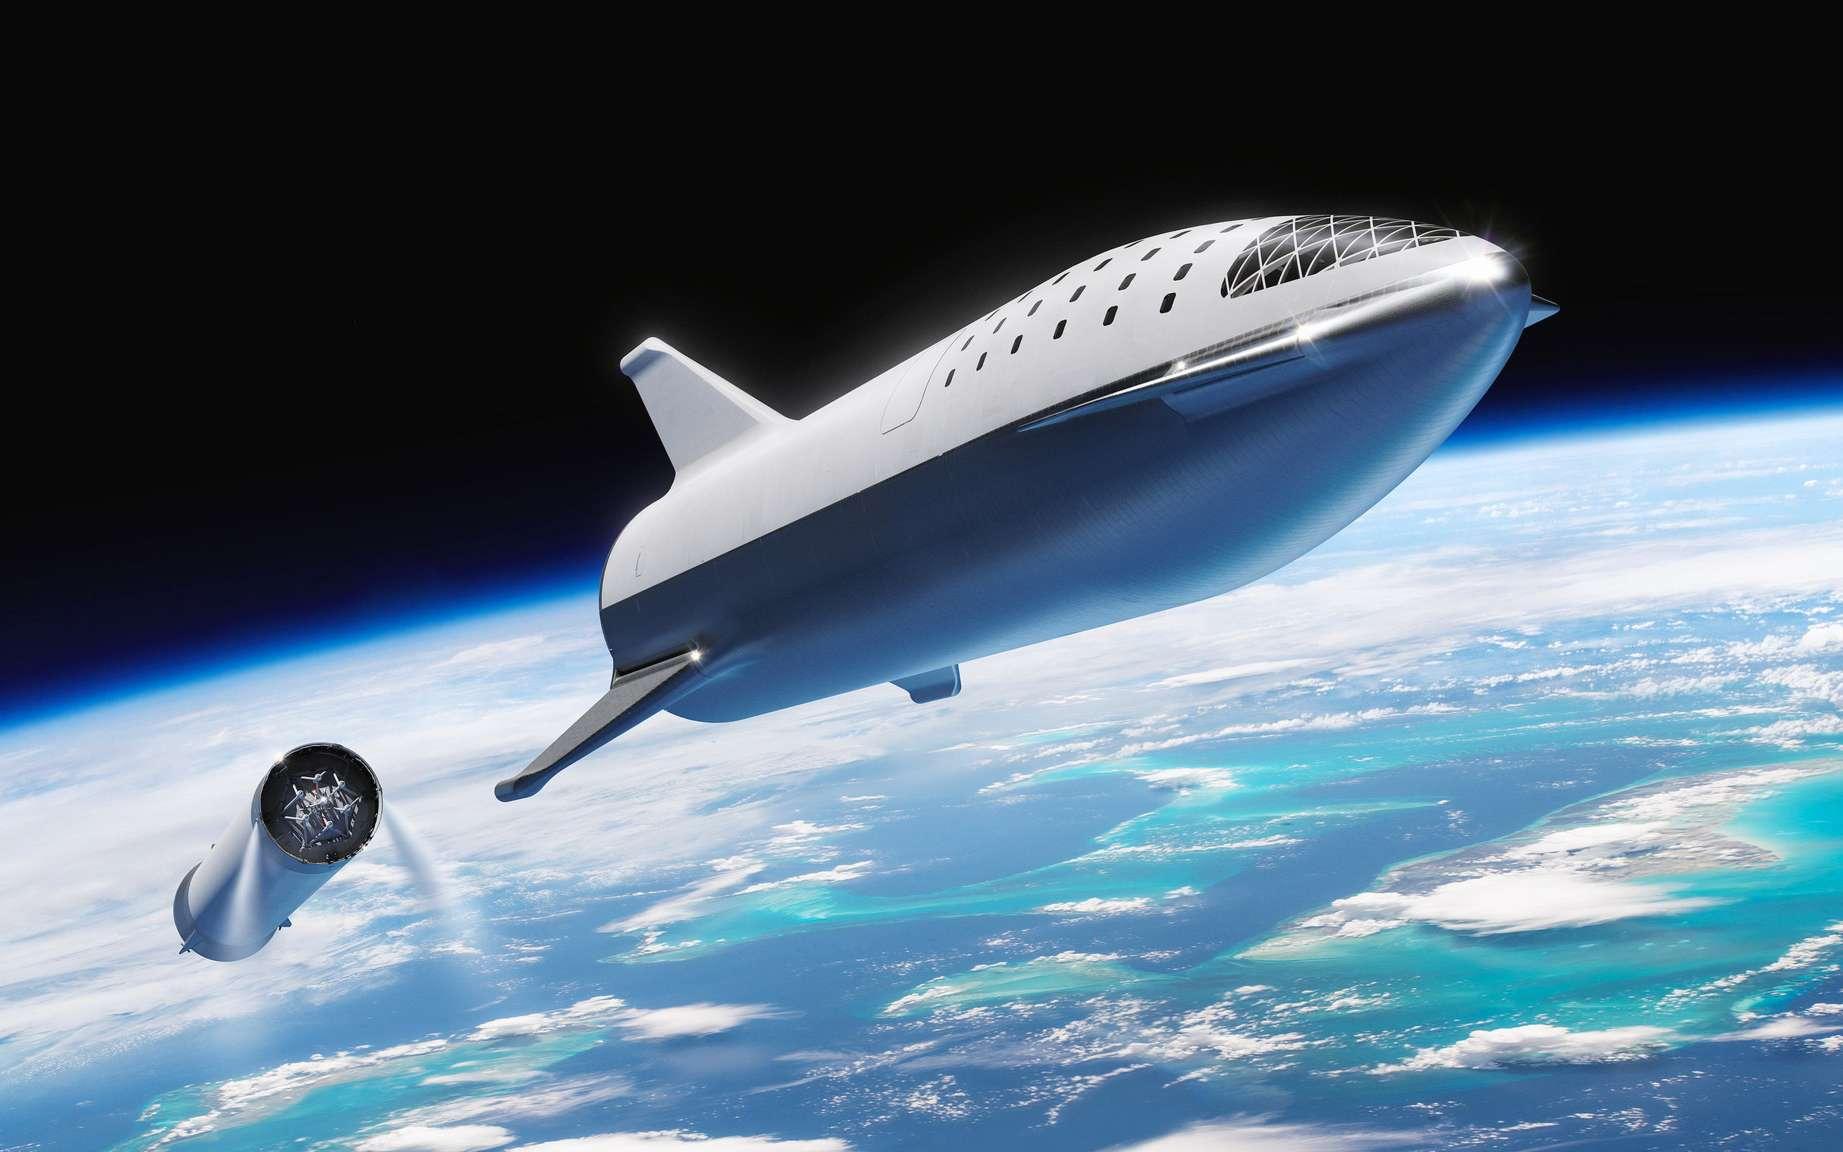 Le Super Heavy et le Starship de SpaceX. Le Starship devrait mesurer 55 m de haut pour un diamètre de 9 m et être propulsé par 7 moteurs Raptor d'une poussée de 11,9 méganewtons. Pour Super Heavy (l'étage principal), il aurait un même diamètre pour une hauteur de 63 m et être propulsé par 31 moteurs Raptor. Ensemble, ces moteurs généreront une poussée au décollage de 52,7 méganewtons. © SpaceX